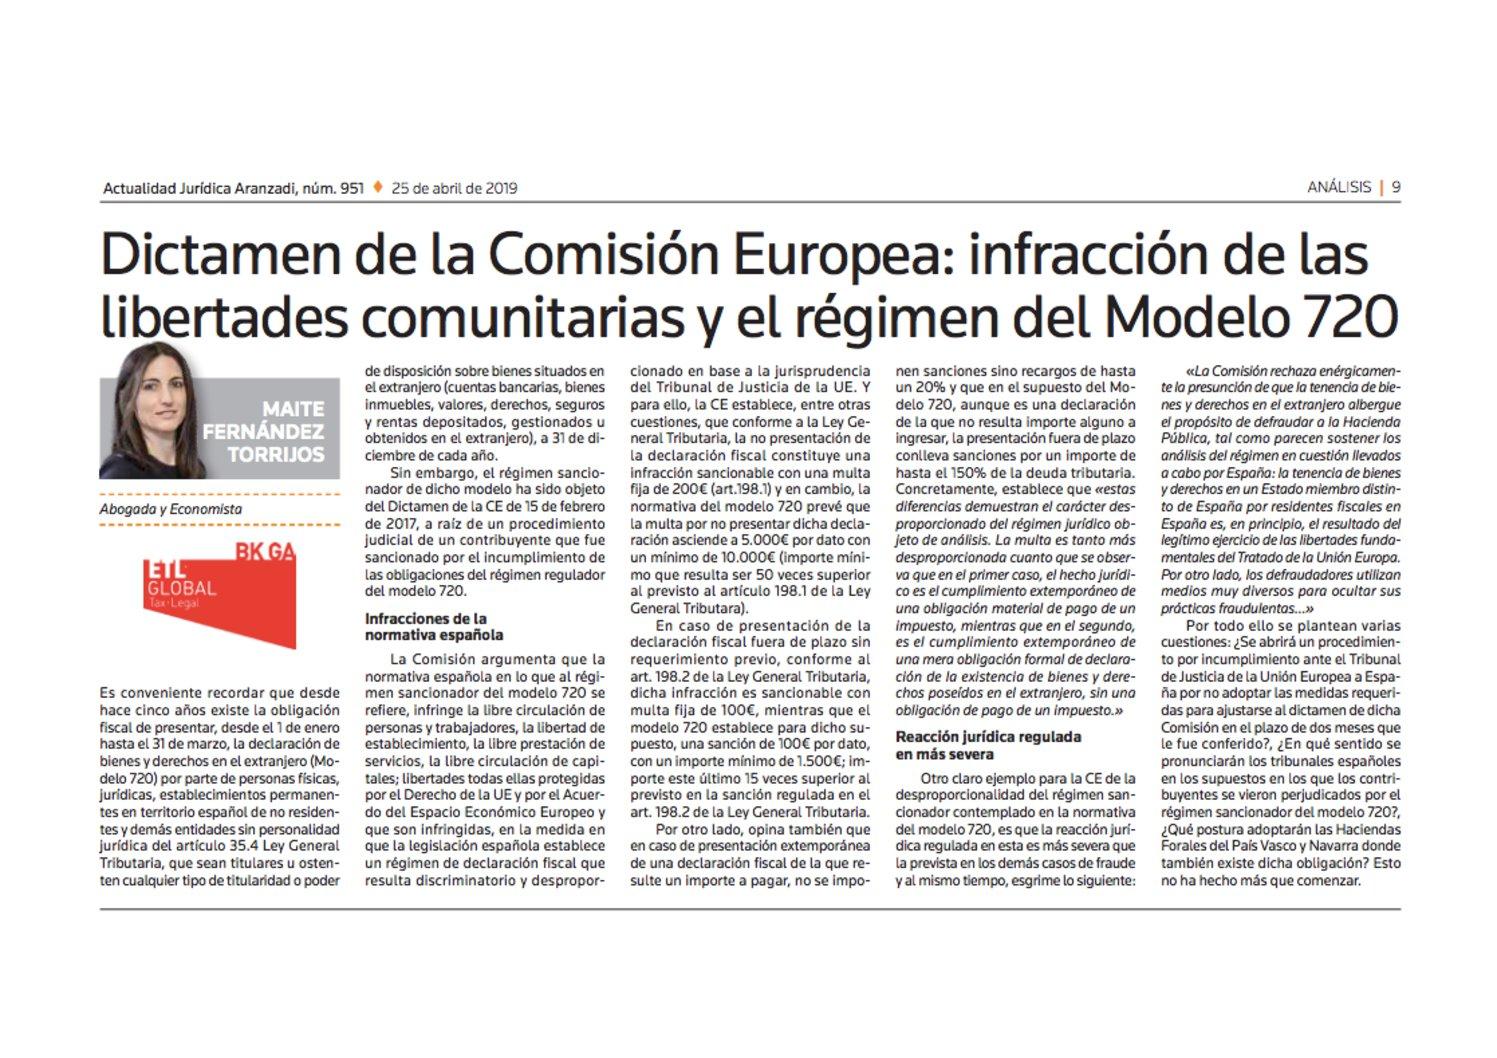 Dictamen de la Comisión Europea: infracción de las libertades comunitarias y el régimen del modelo 720